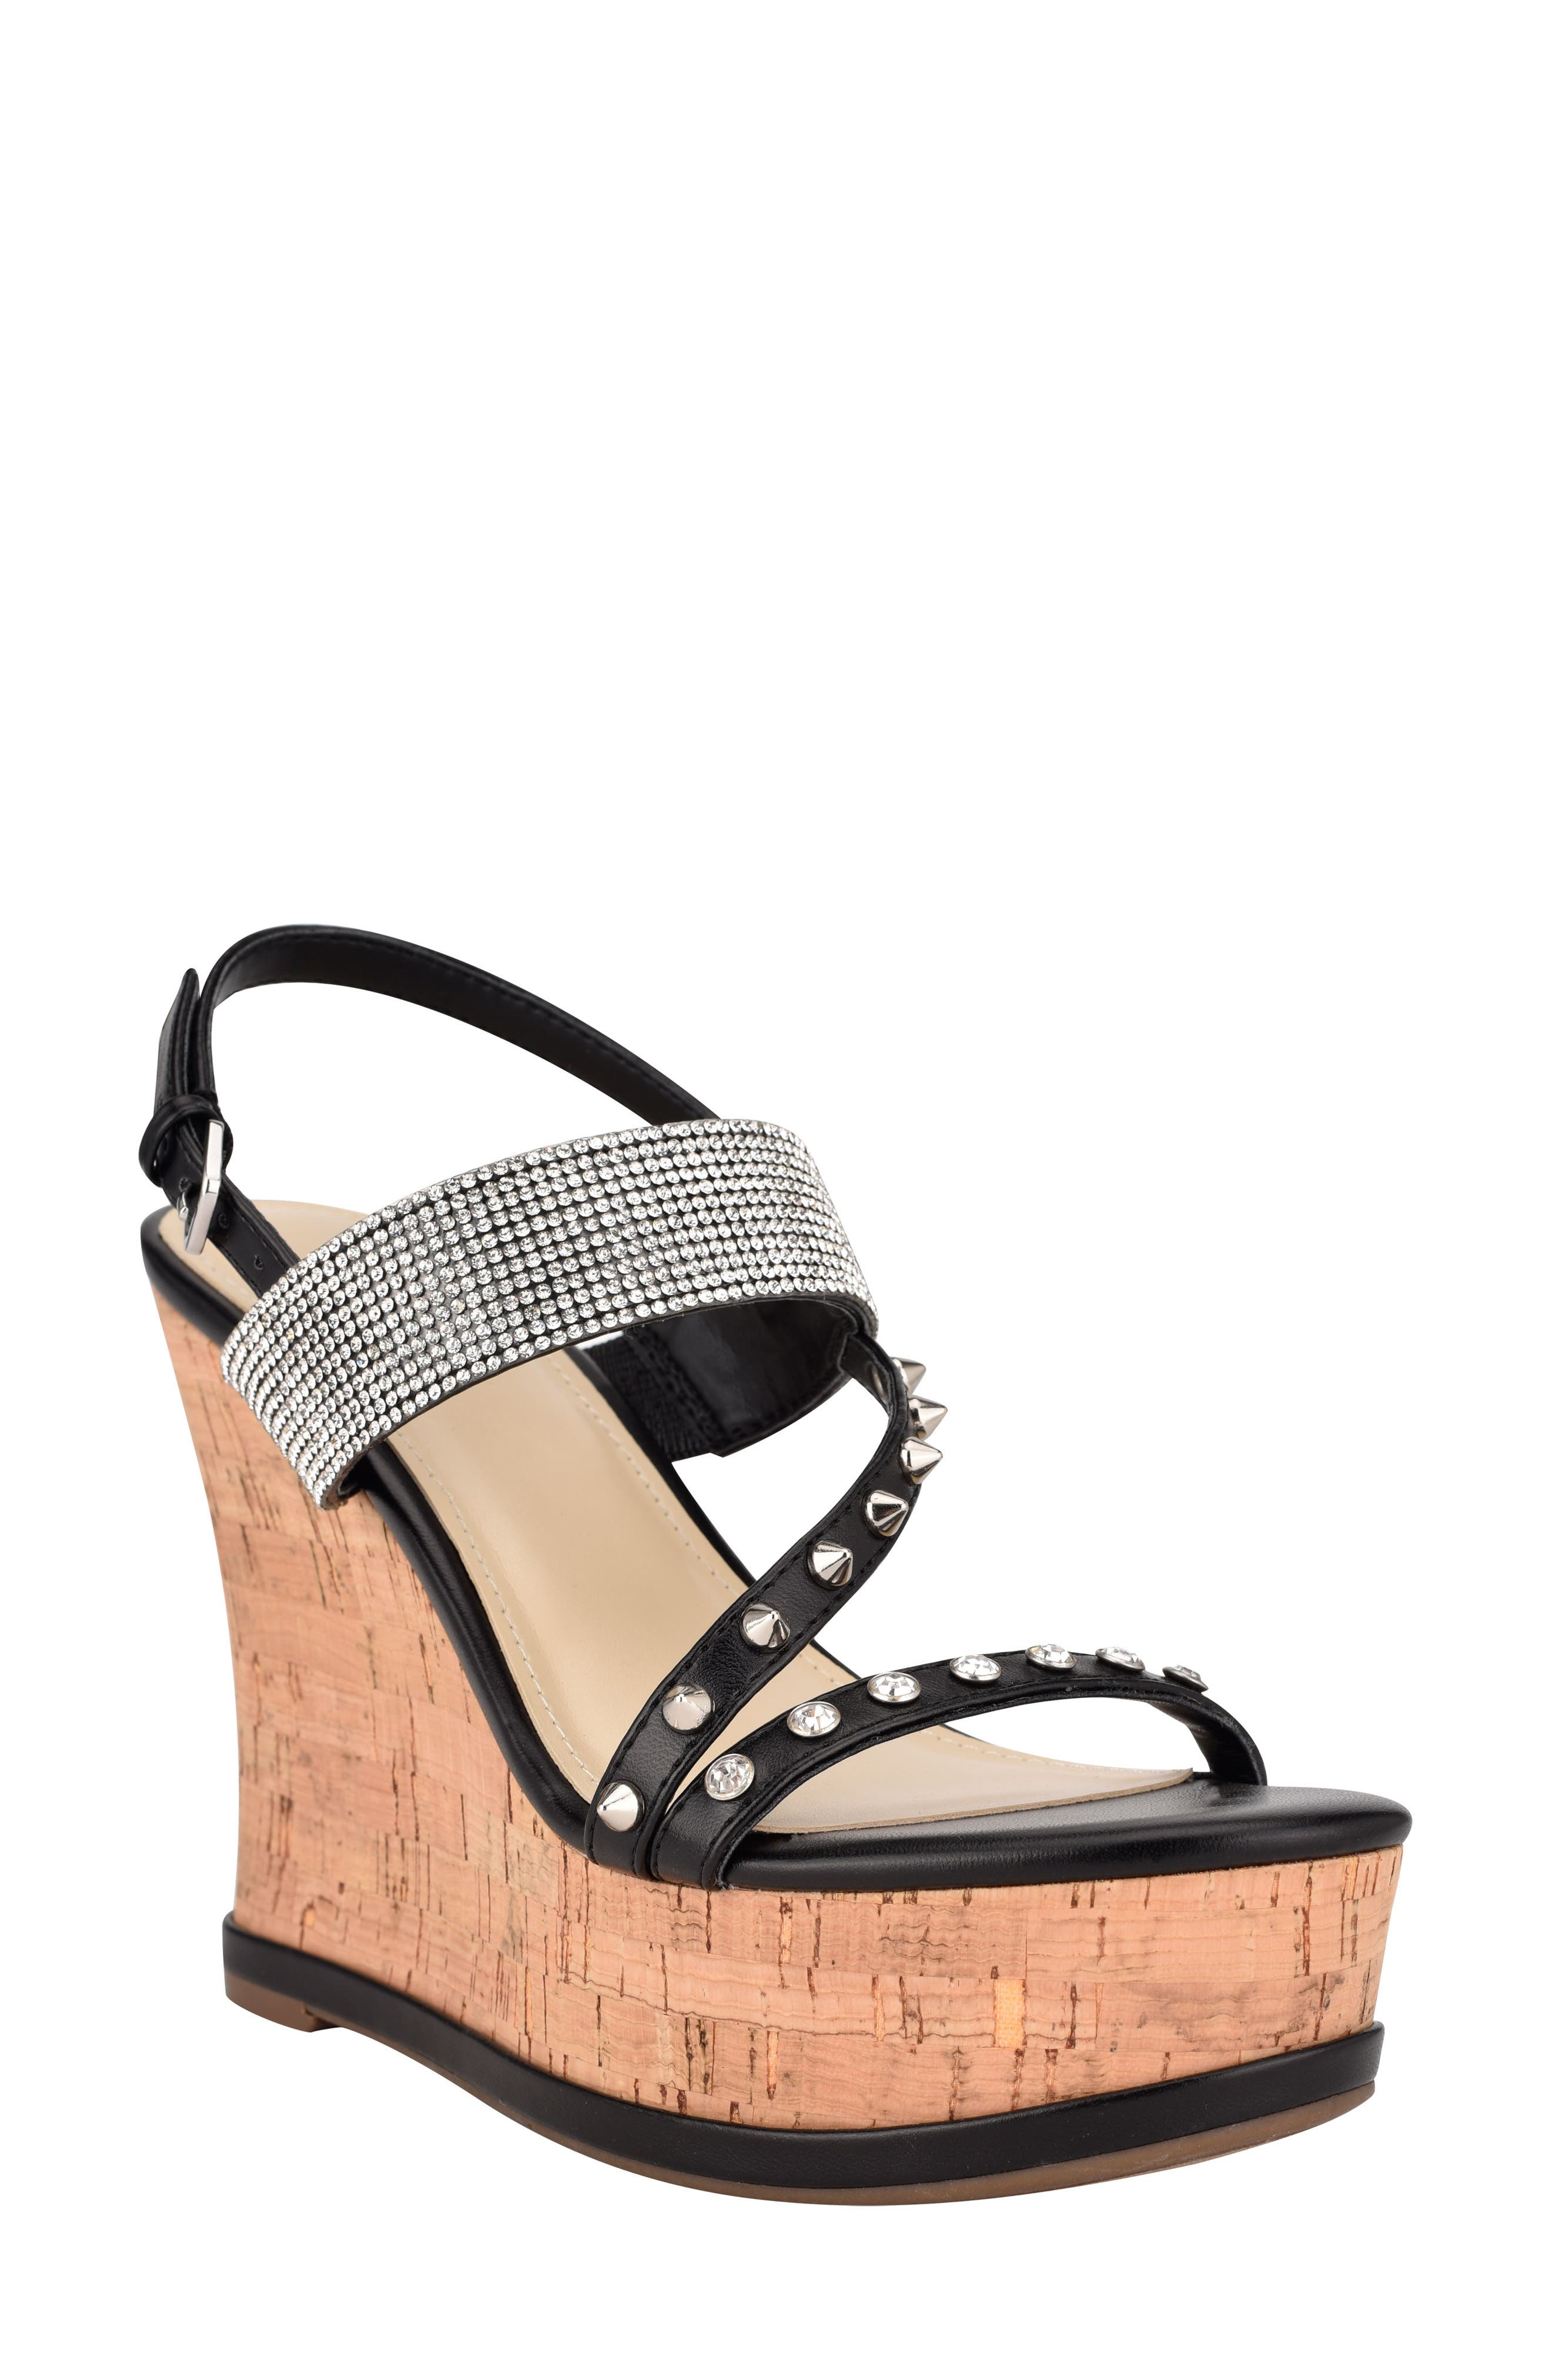 Dariani Rhinestone Cork Wedge Sandal